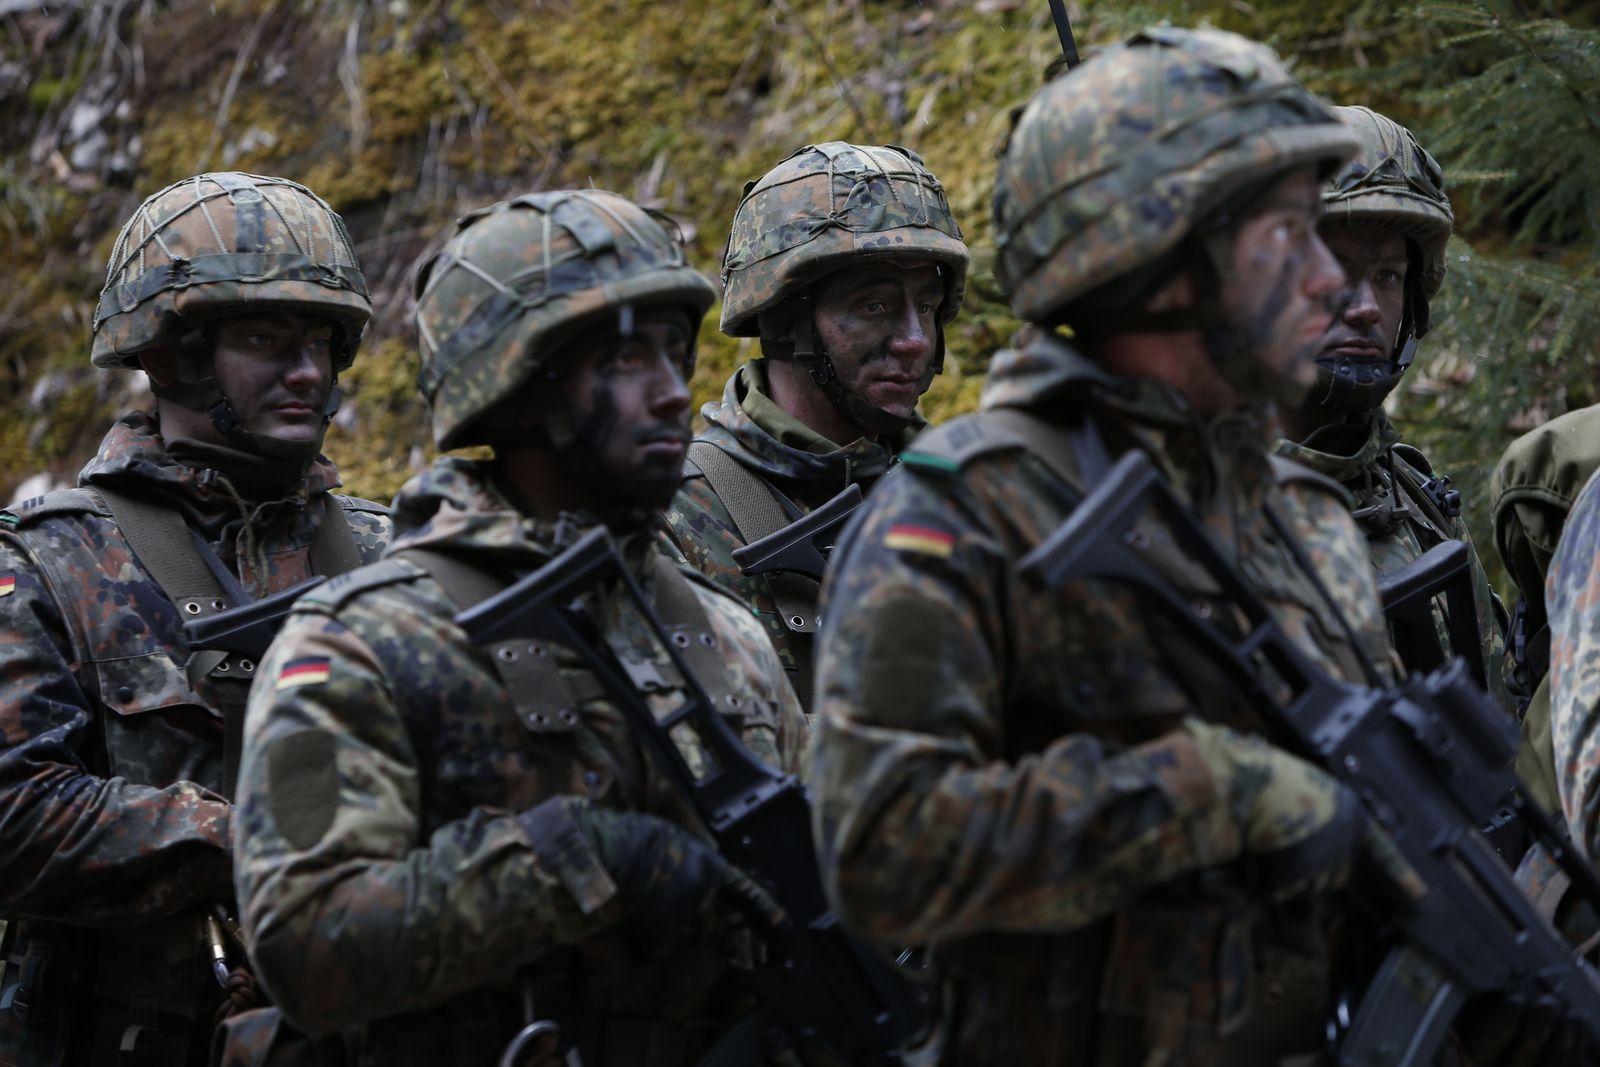 German Bundeswehr army demonstrate their skills at Kaserne Hochstaufen in Bad Reichenhall